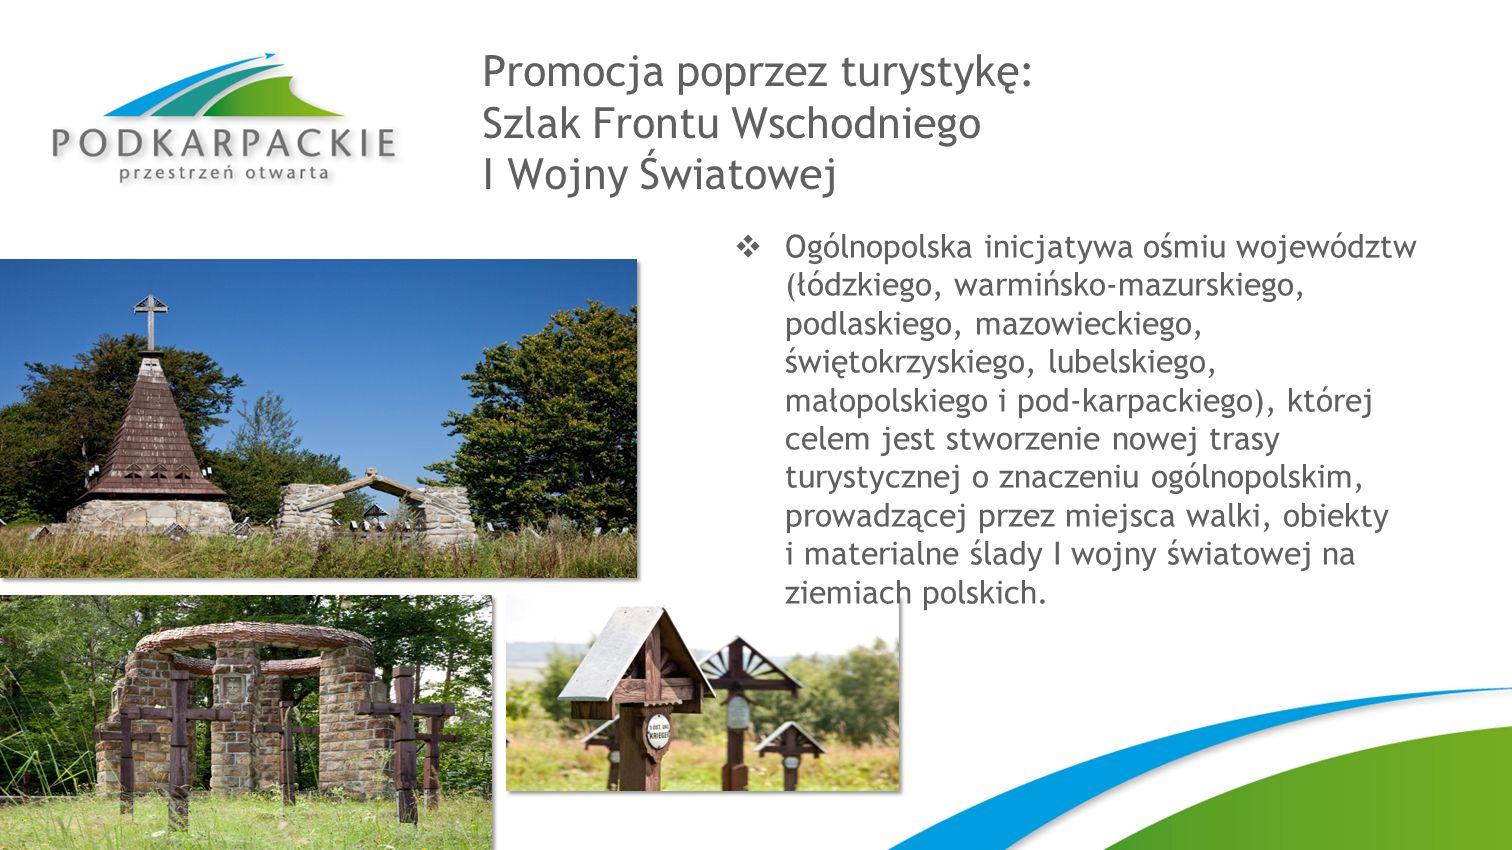 Promocja poprzez turystykę: Szlak Frontu Wschodniego I Wojny Światowej Ogólnopolska inicjatywa ośmiu województw (łódzkiego, warmińsko-mazurskiego, pod